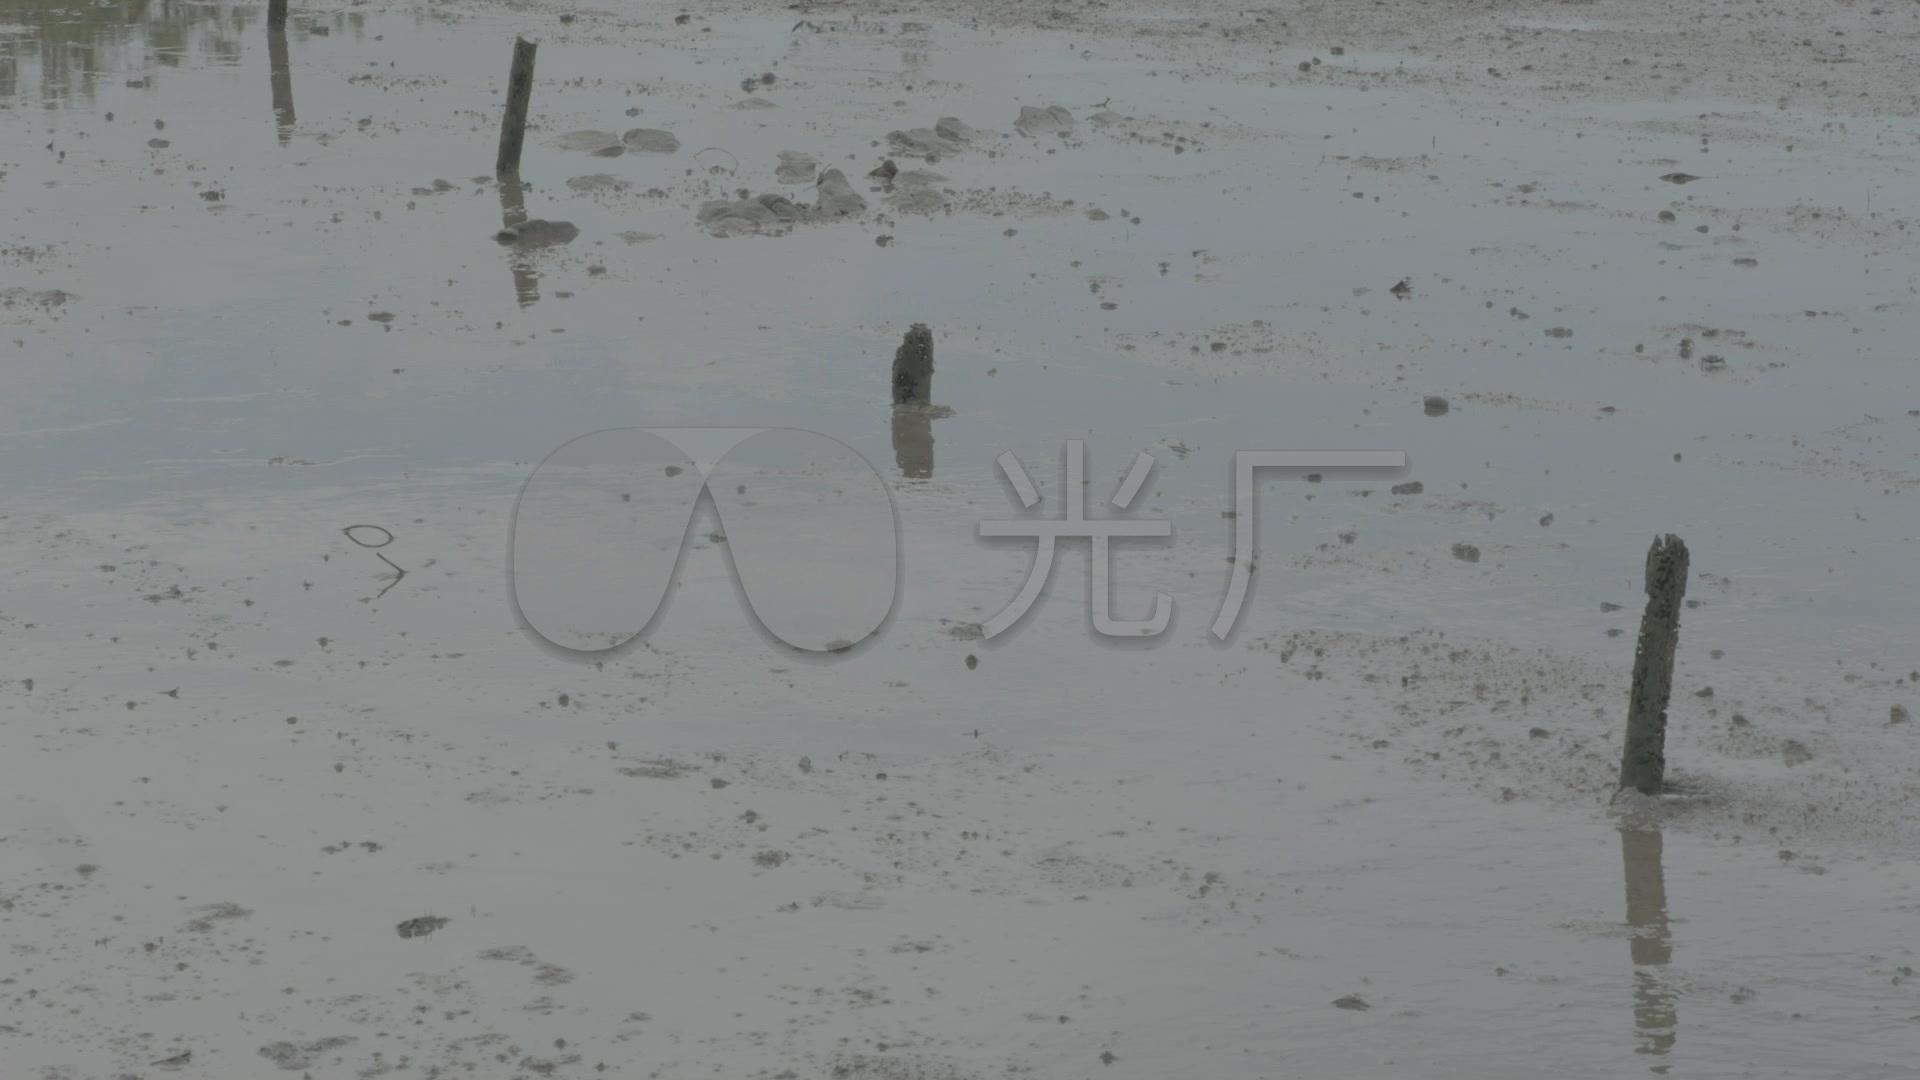 水塘养鱼池视频乡下水塘夏季水塘_1920X108楼房水草开盘图片